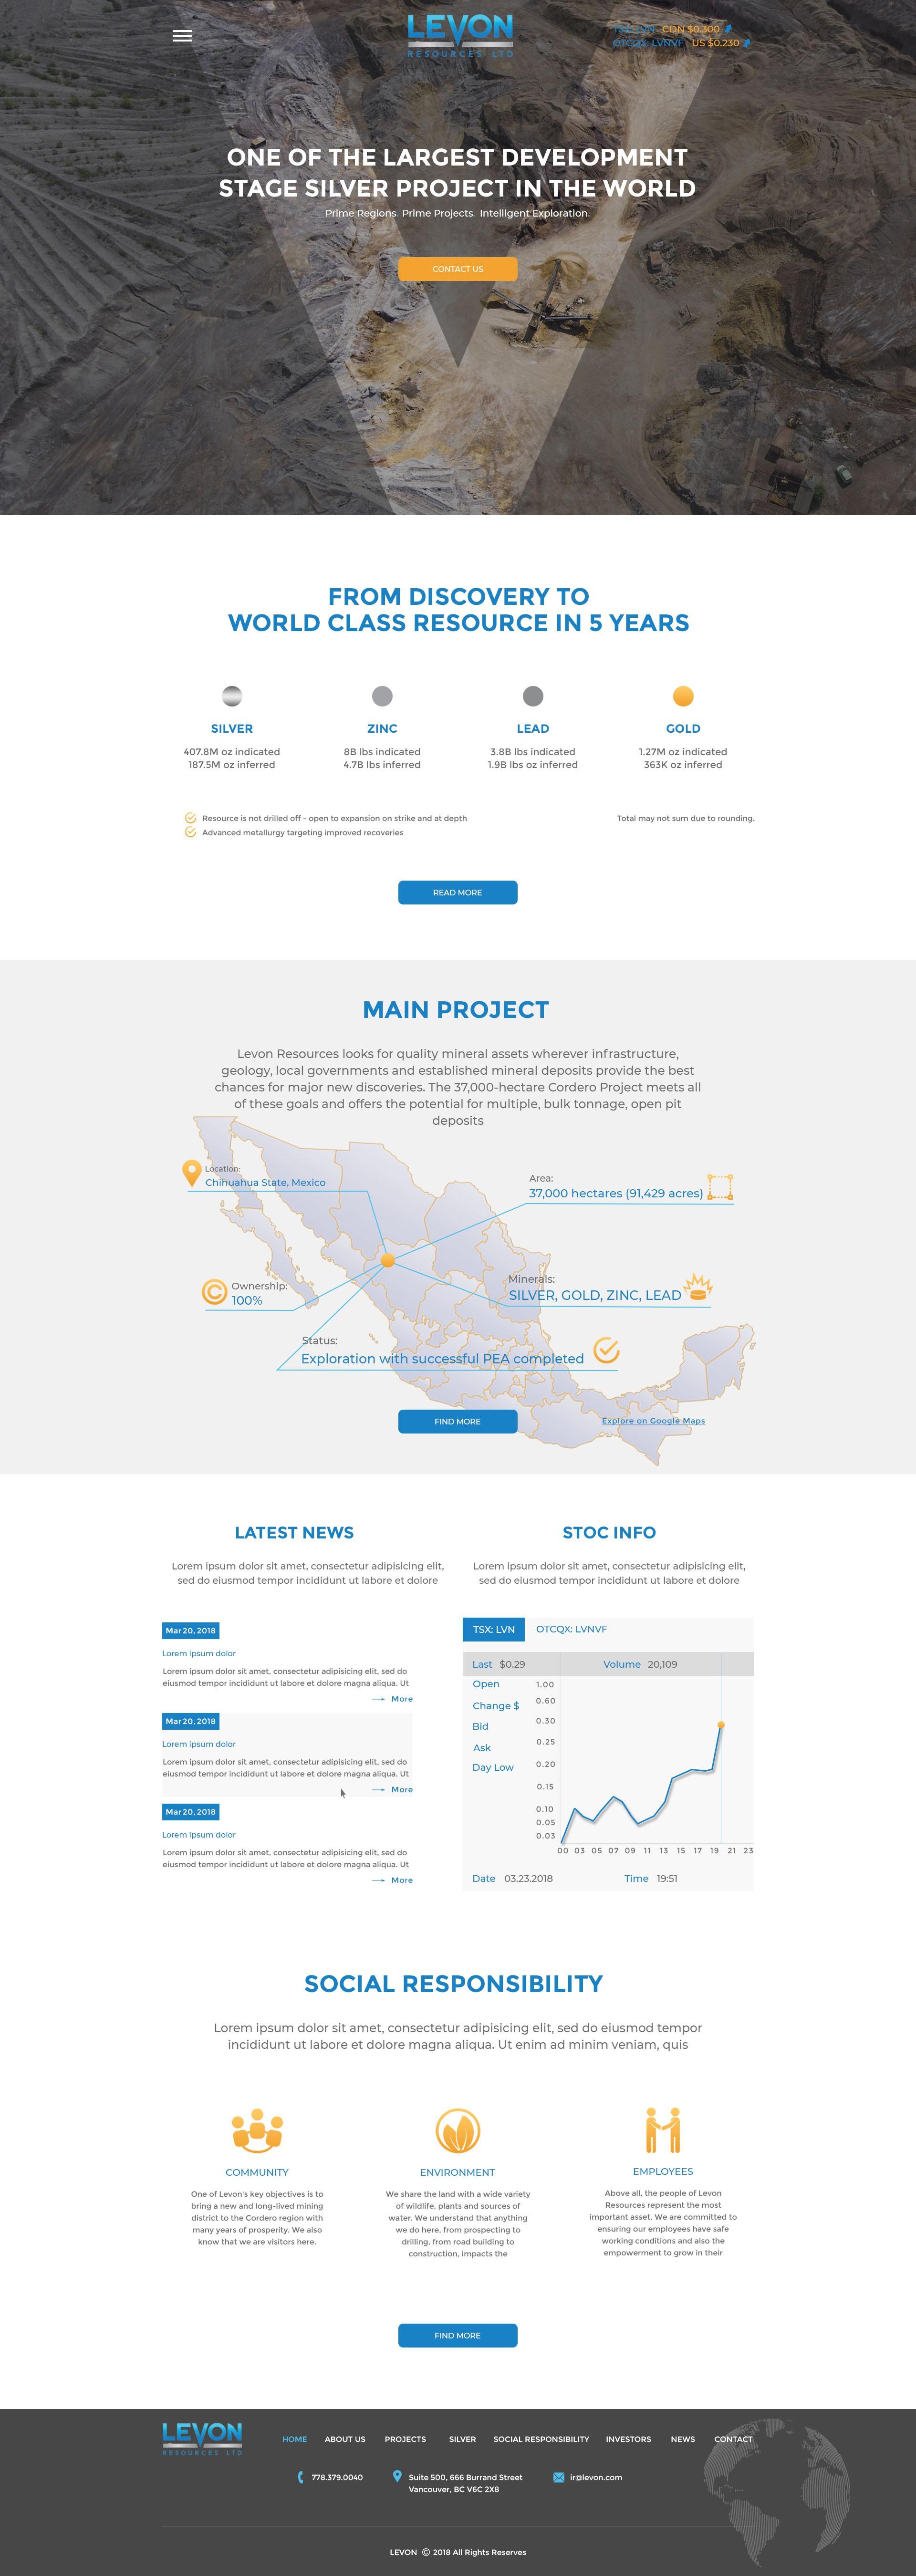 Website Redesign Needed!